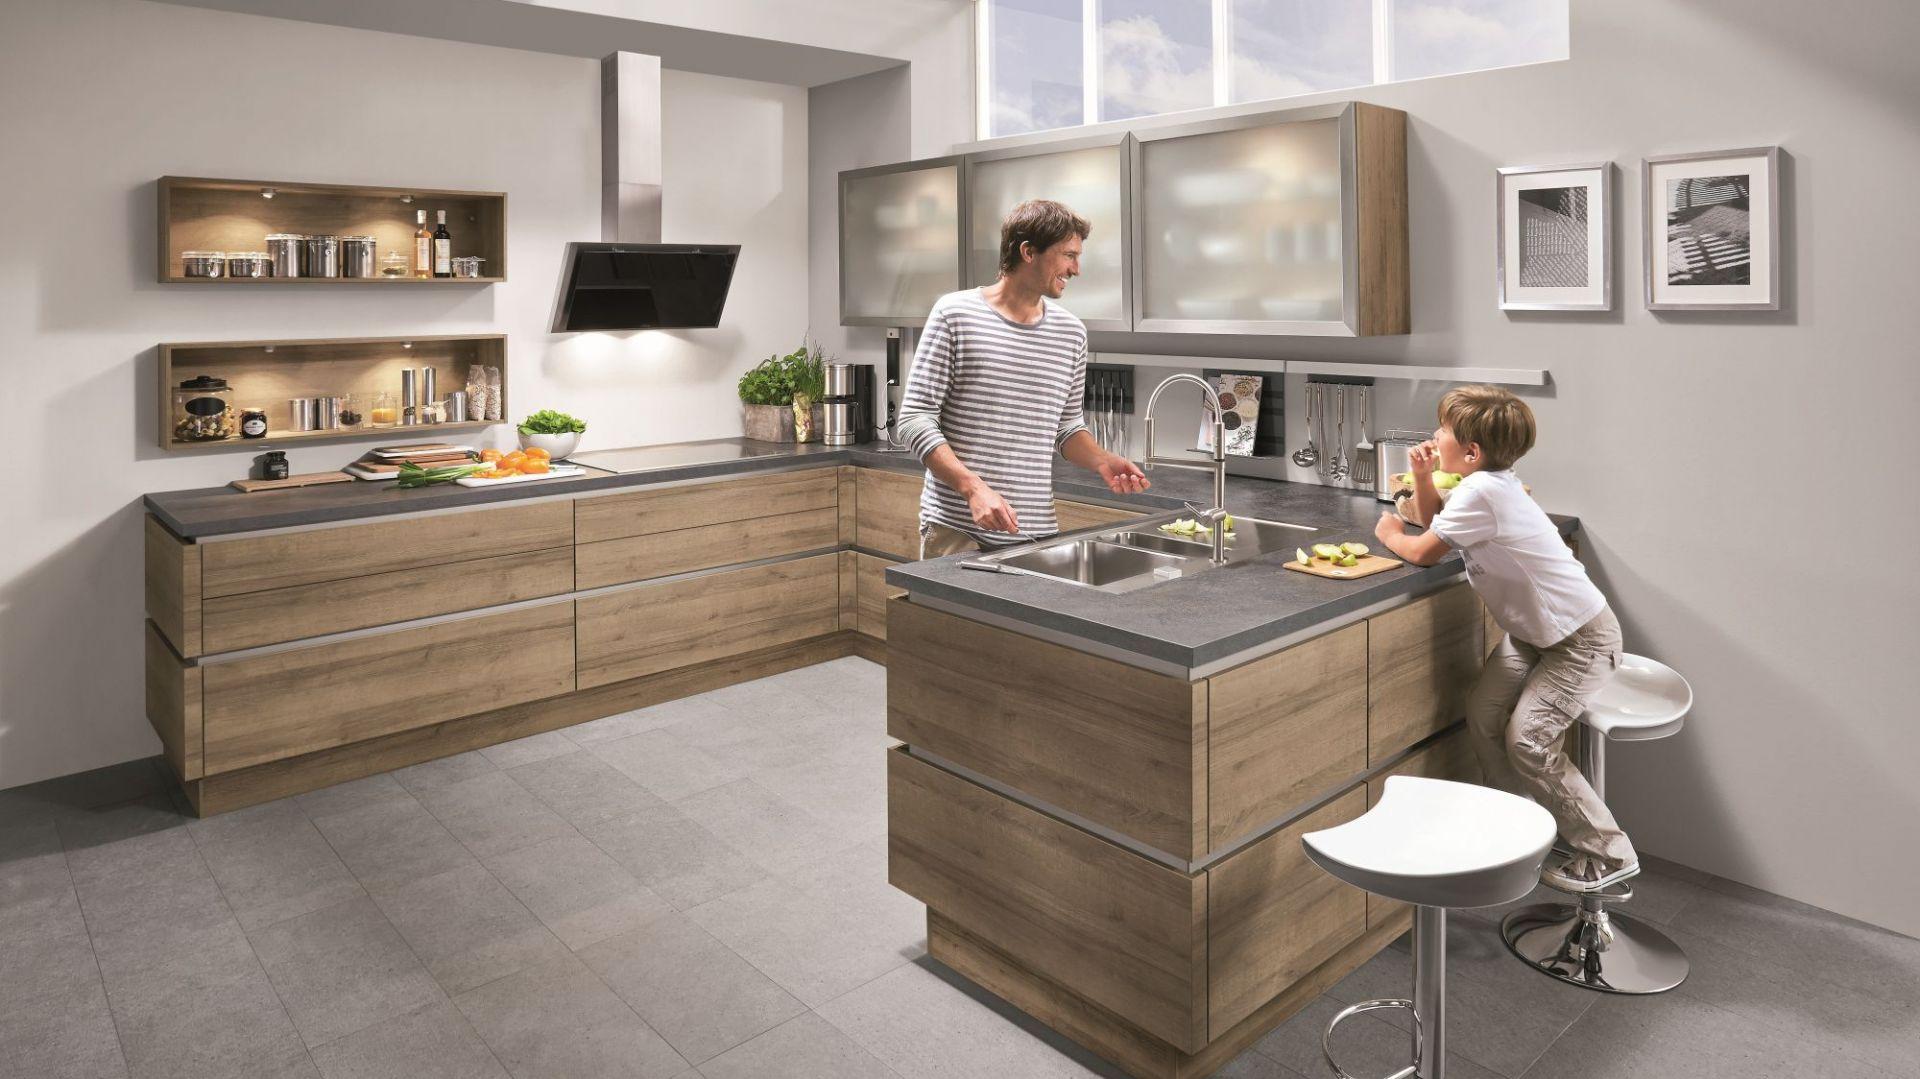 Kuchnia Riva to połączenie drewna i szarości. Transparentne górne fronty nadają aranżacji lekkości. Fot. Nobilia